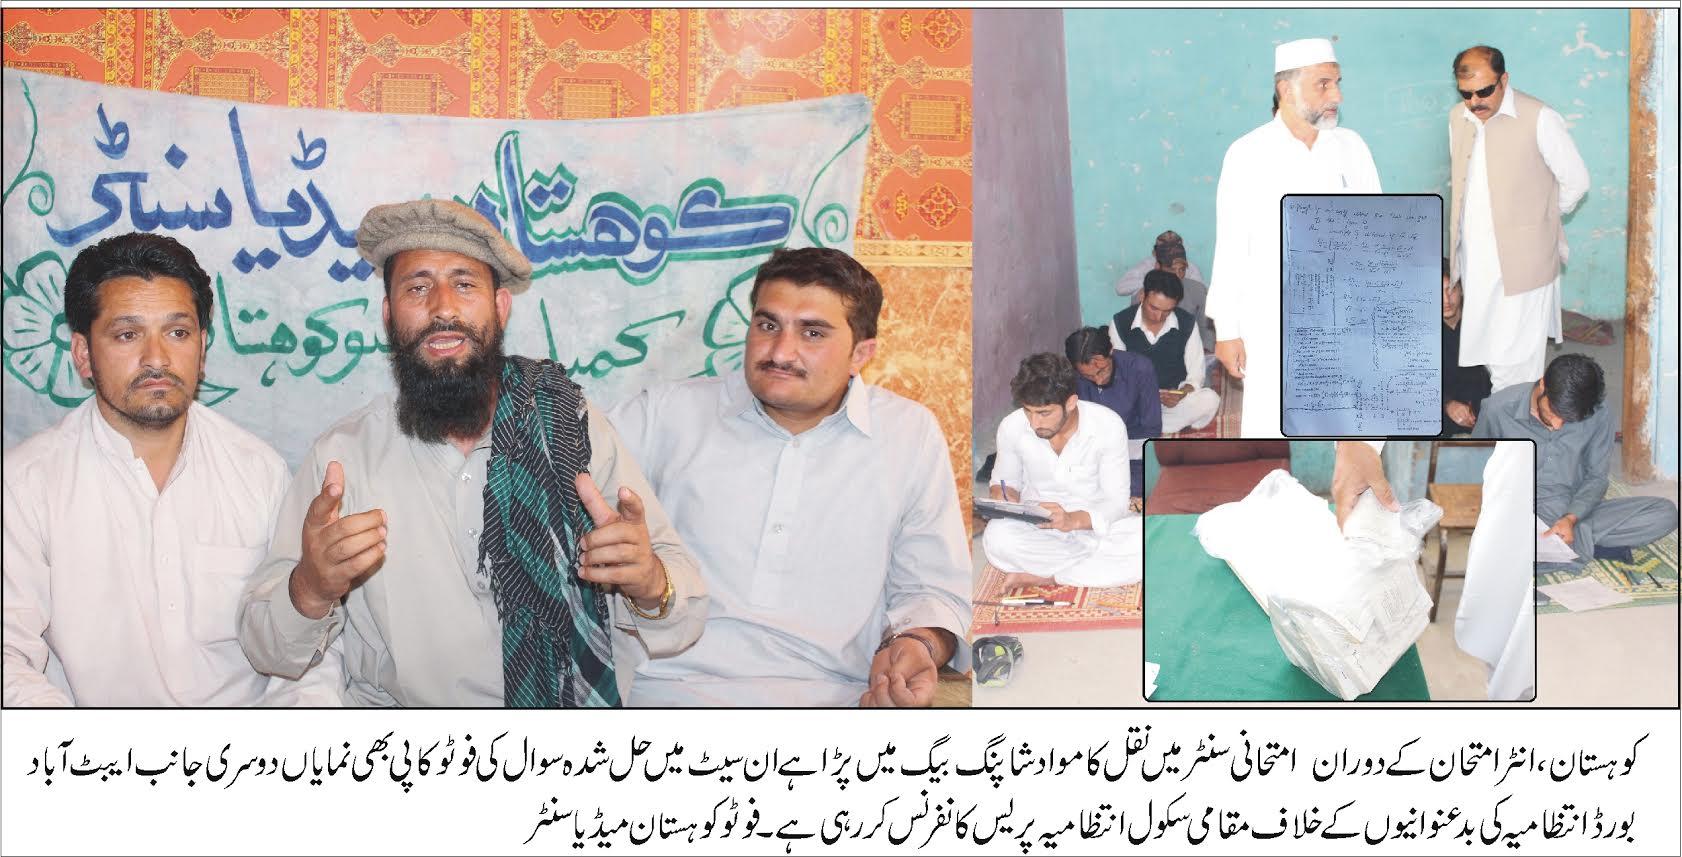 ایبٹ آباد بورڈ انتظامیہ امتحانی مراکز سے پیسے لے کر نقل کی کھلی چھوٹ دے رہا ہے،  نجی کالج کے ذمہ داران کا الزام